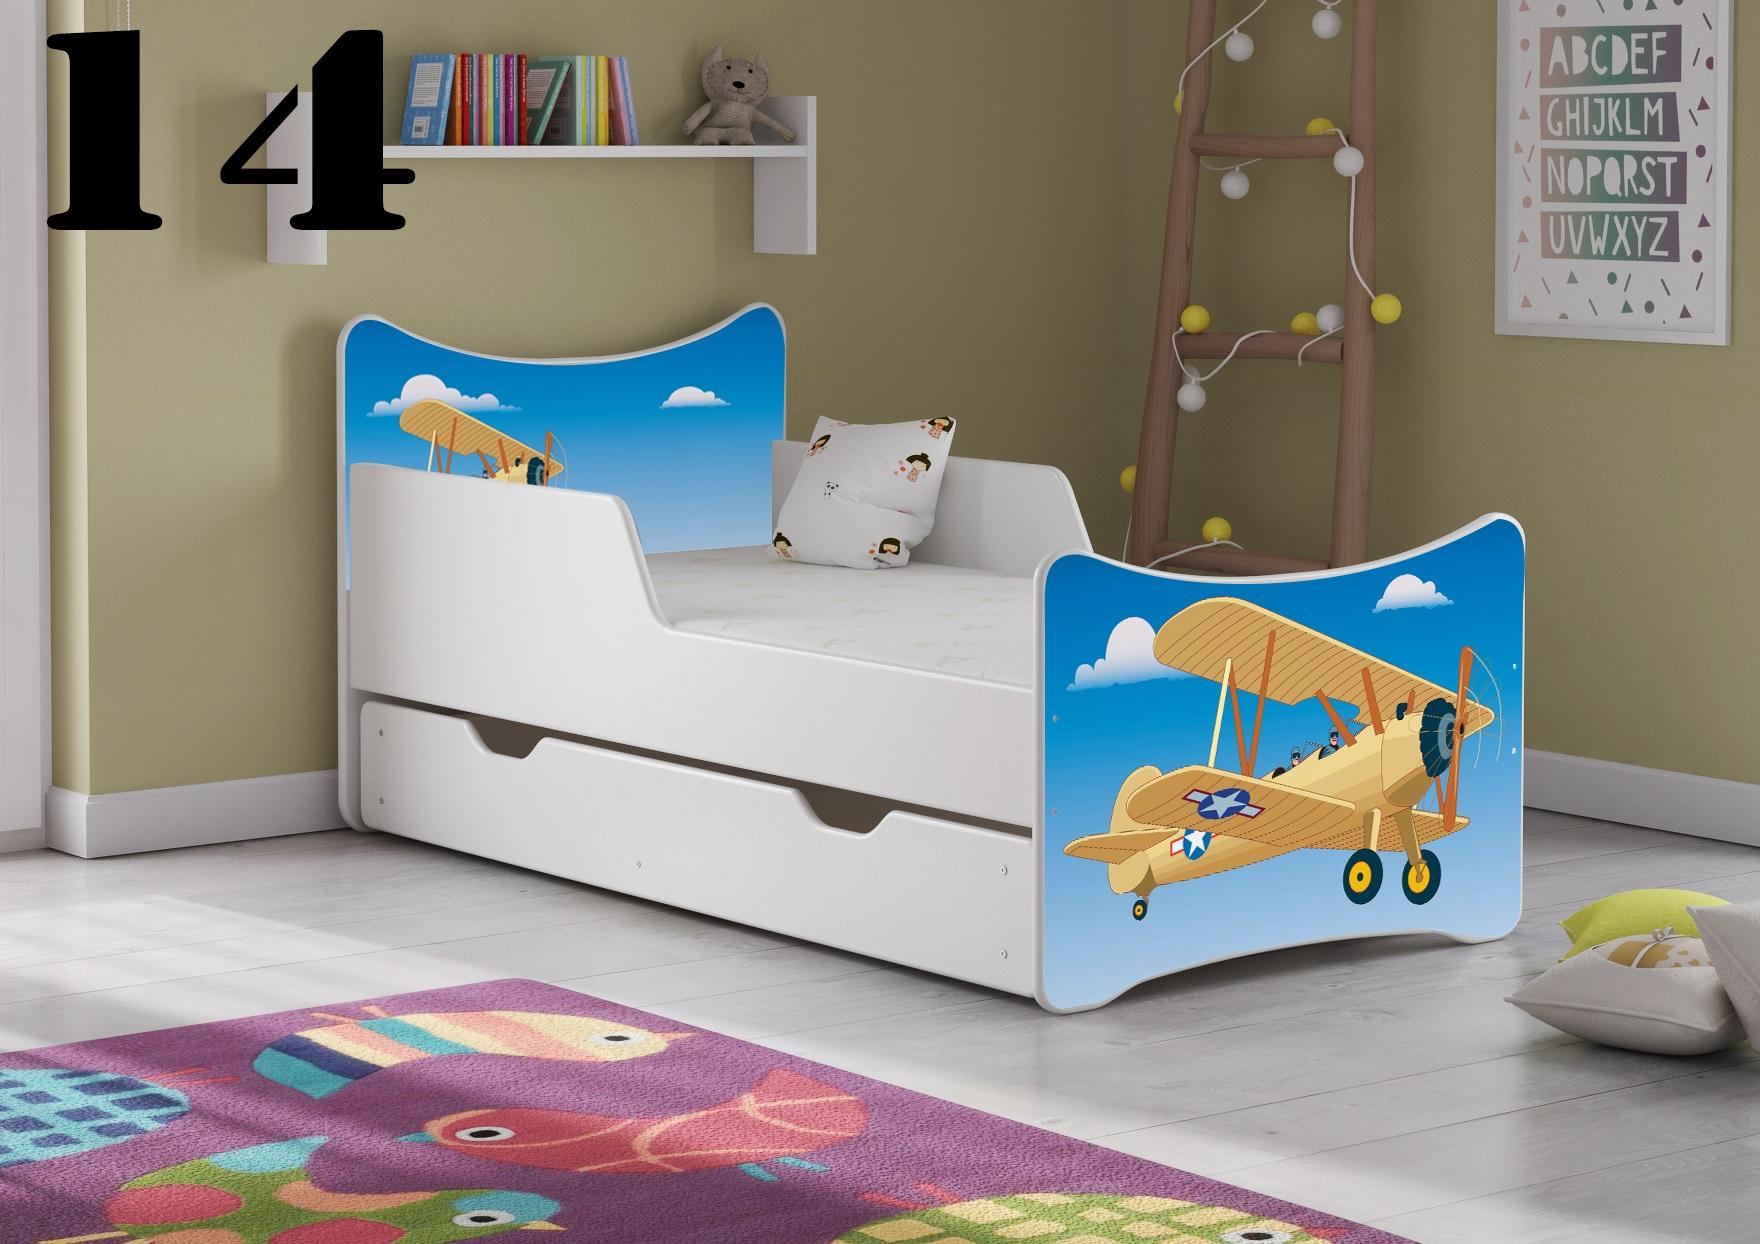 Detská posteľ SMB - chlapci Prevedenie: Obrázok č.14